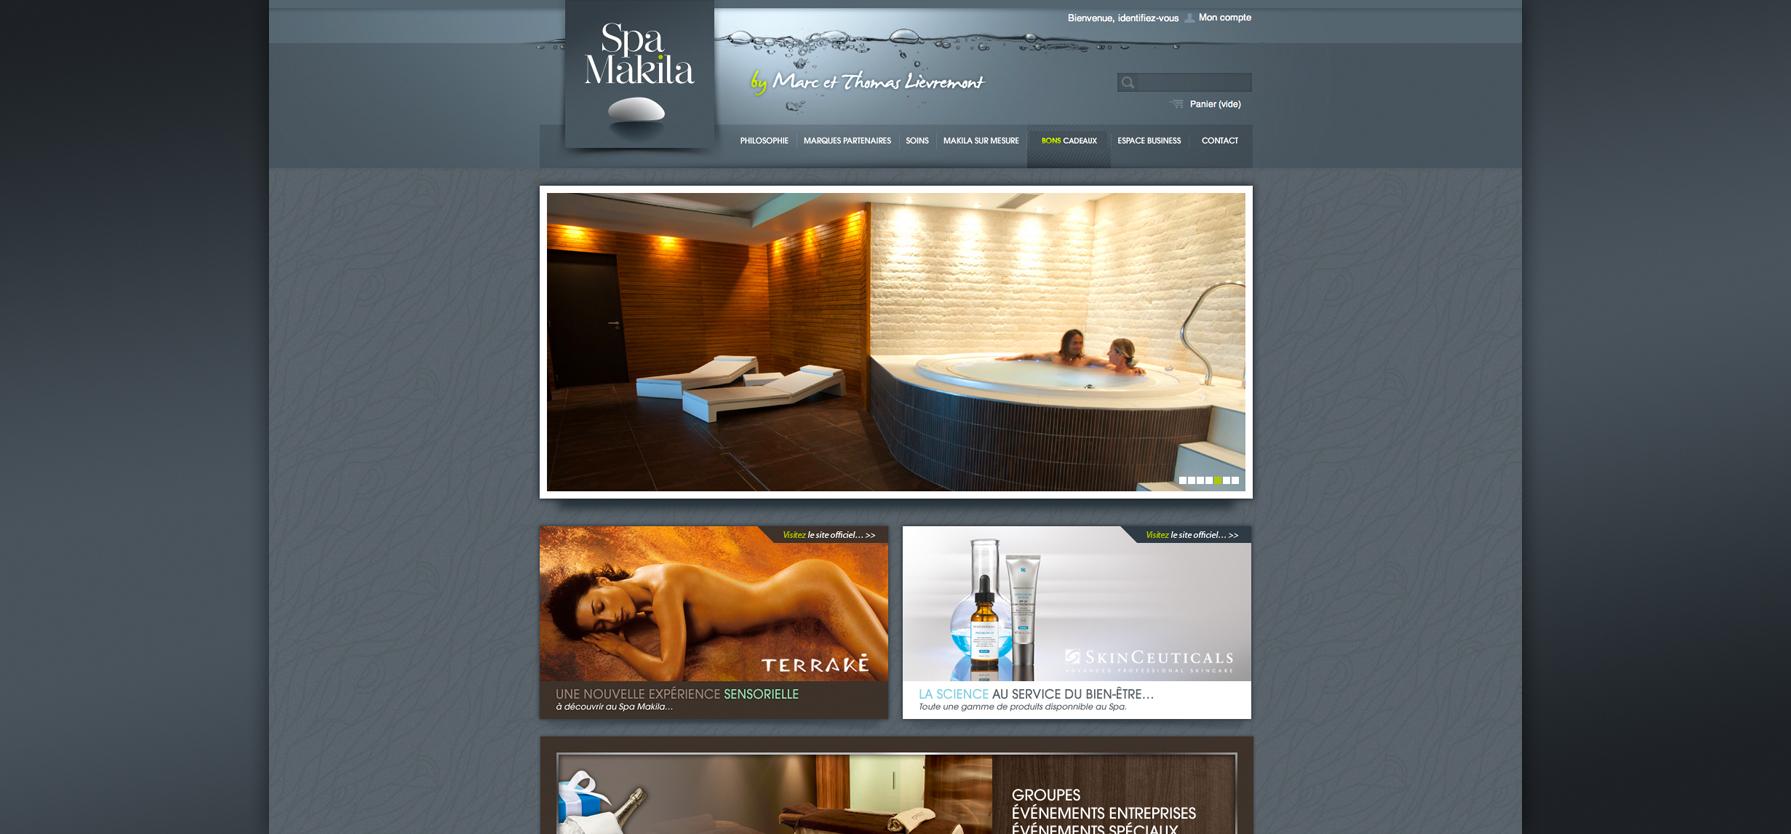 spa_makila_site_web_2